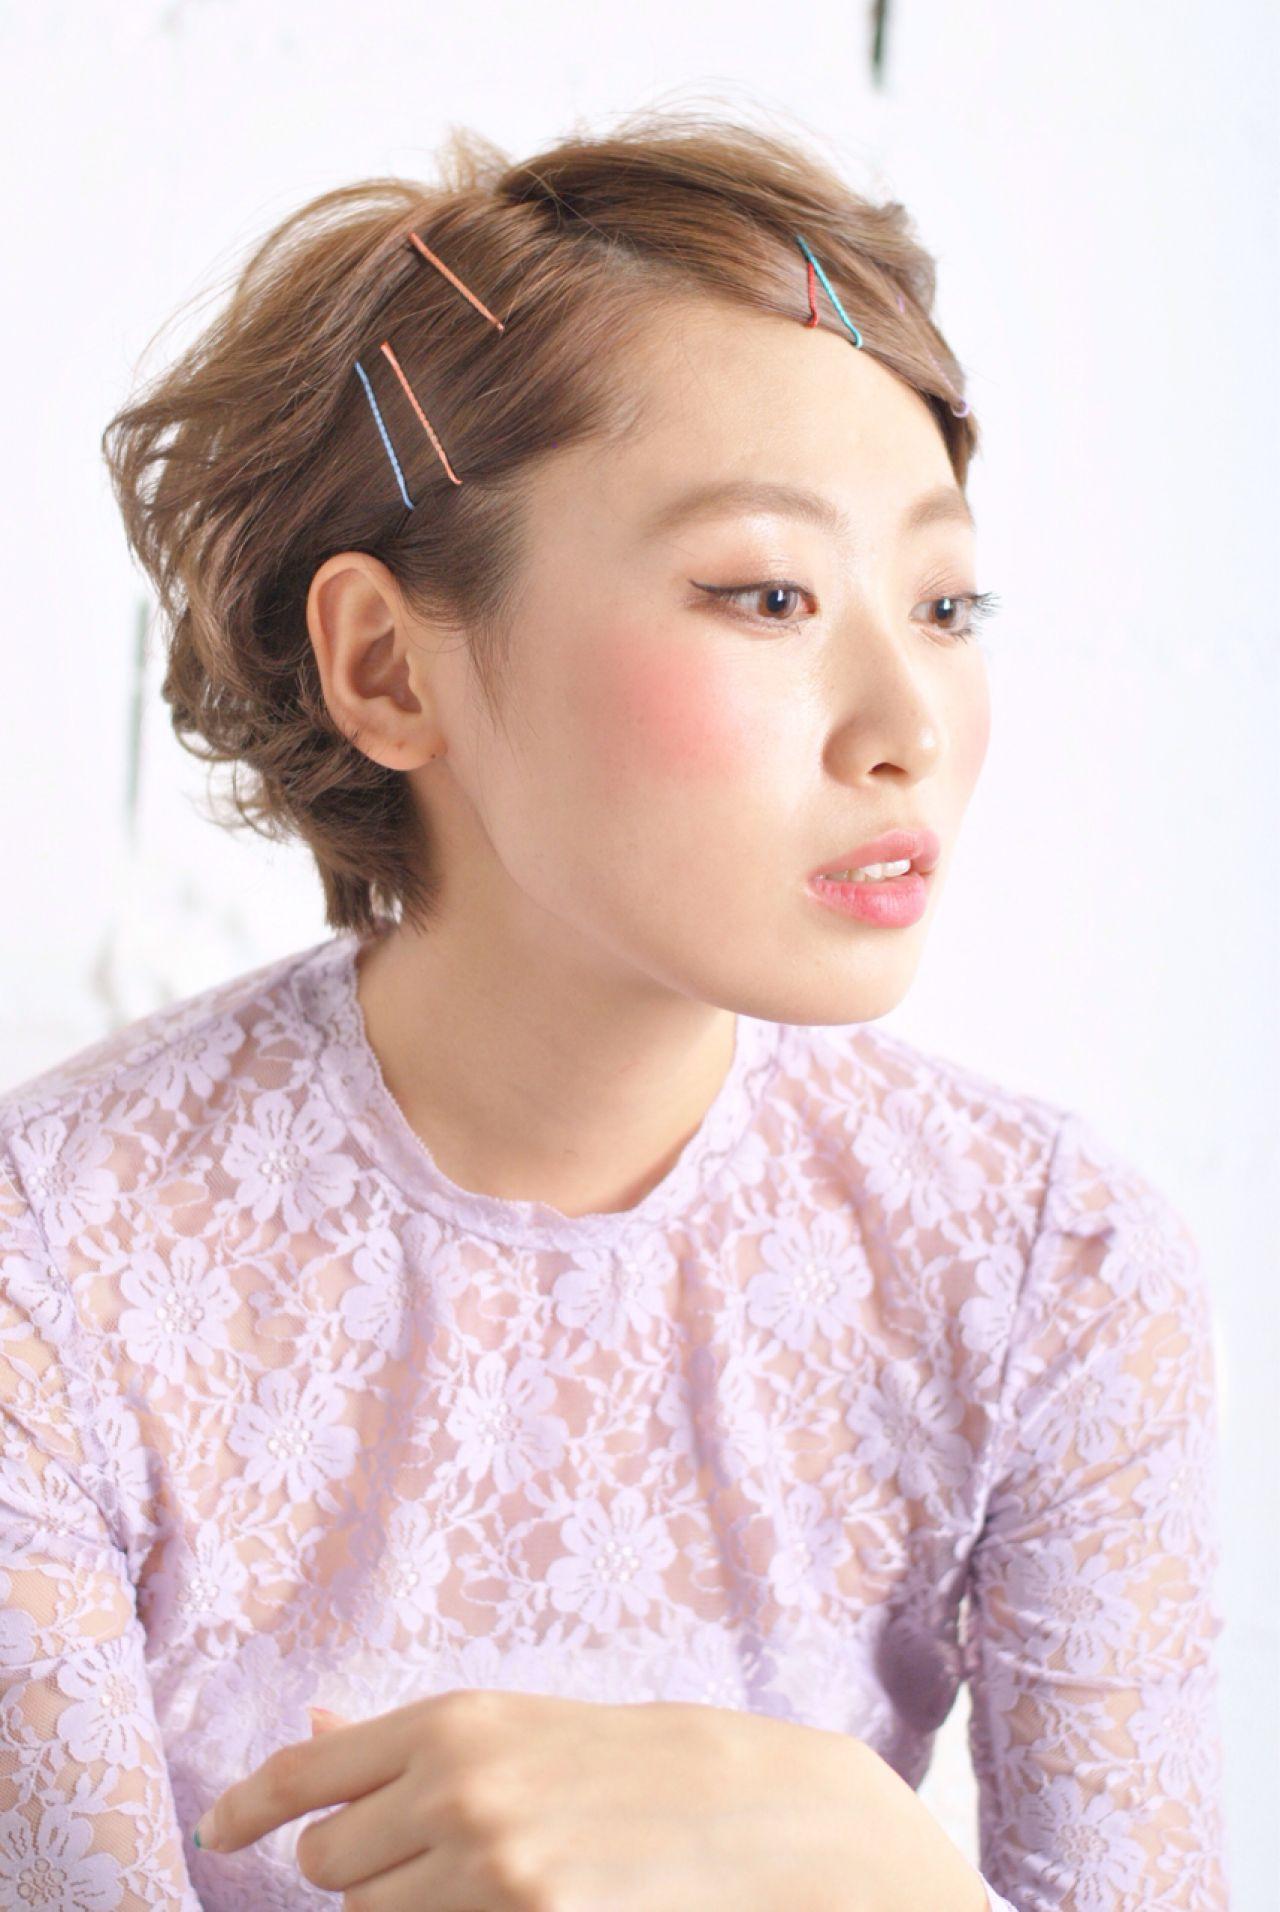 ヘアピン ヘアアレンジ 丸顔 卵型 ヘアスタイルや髪型の写真・画像